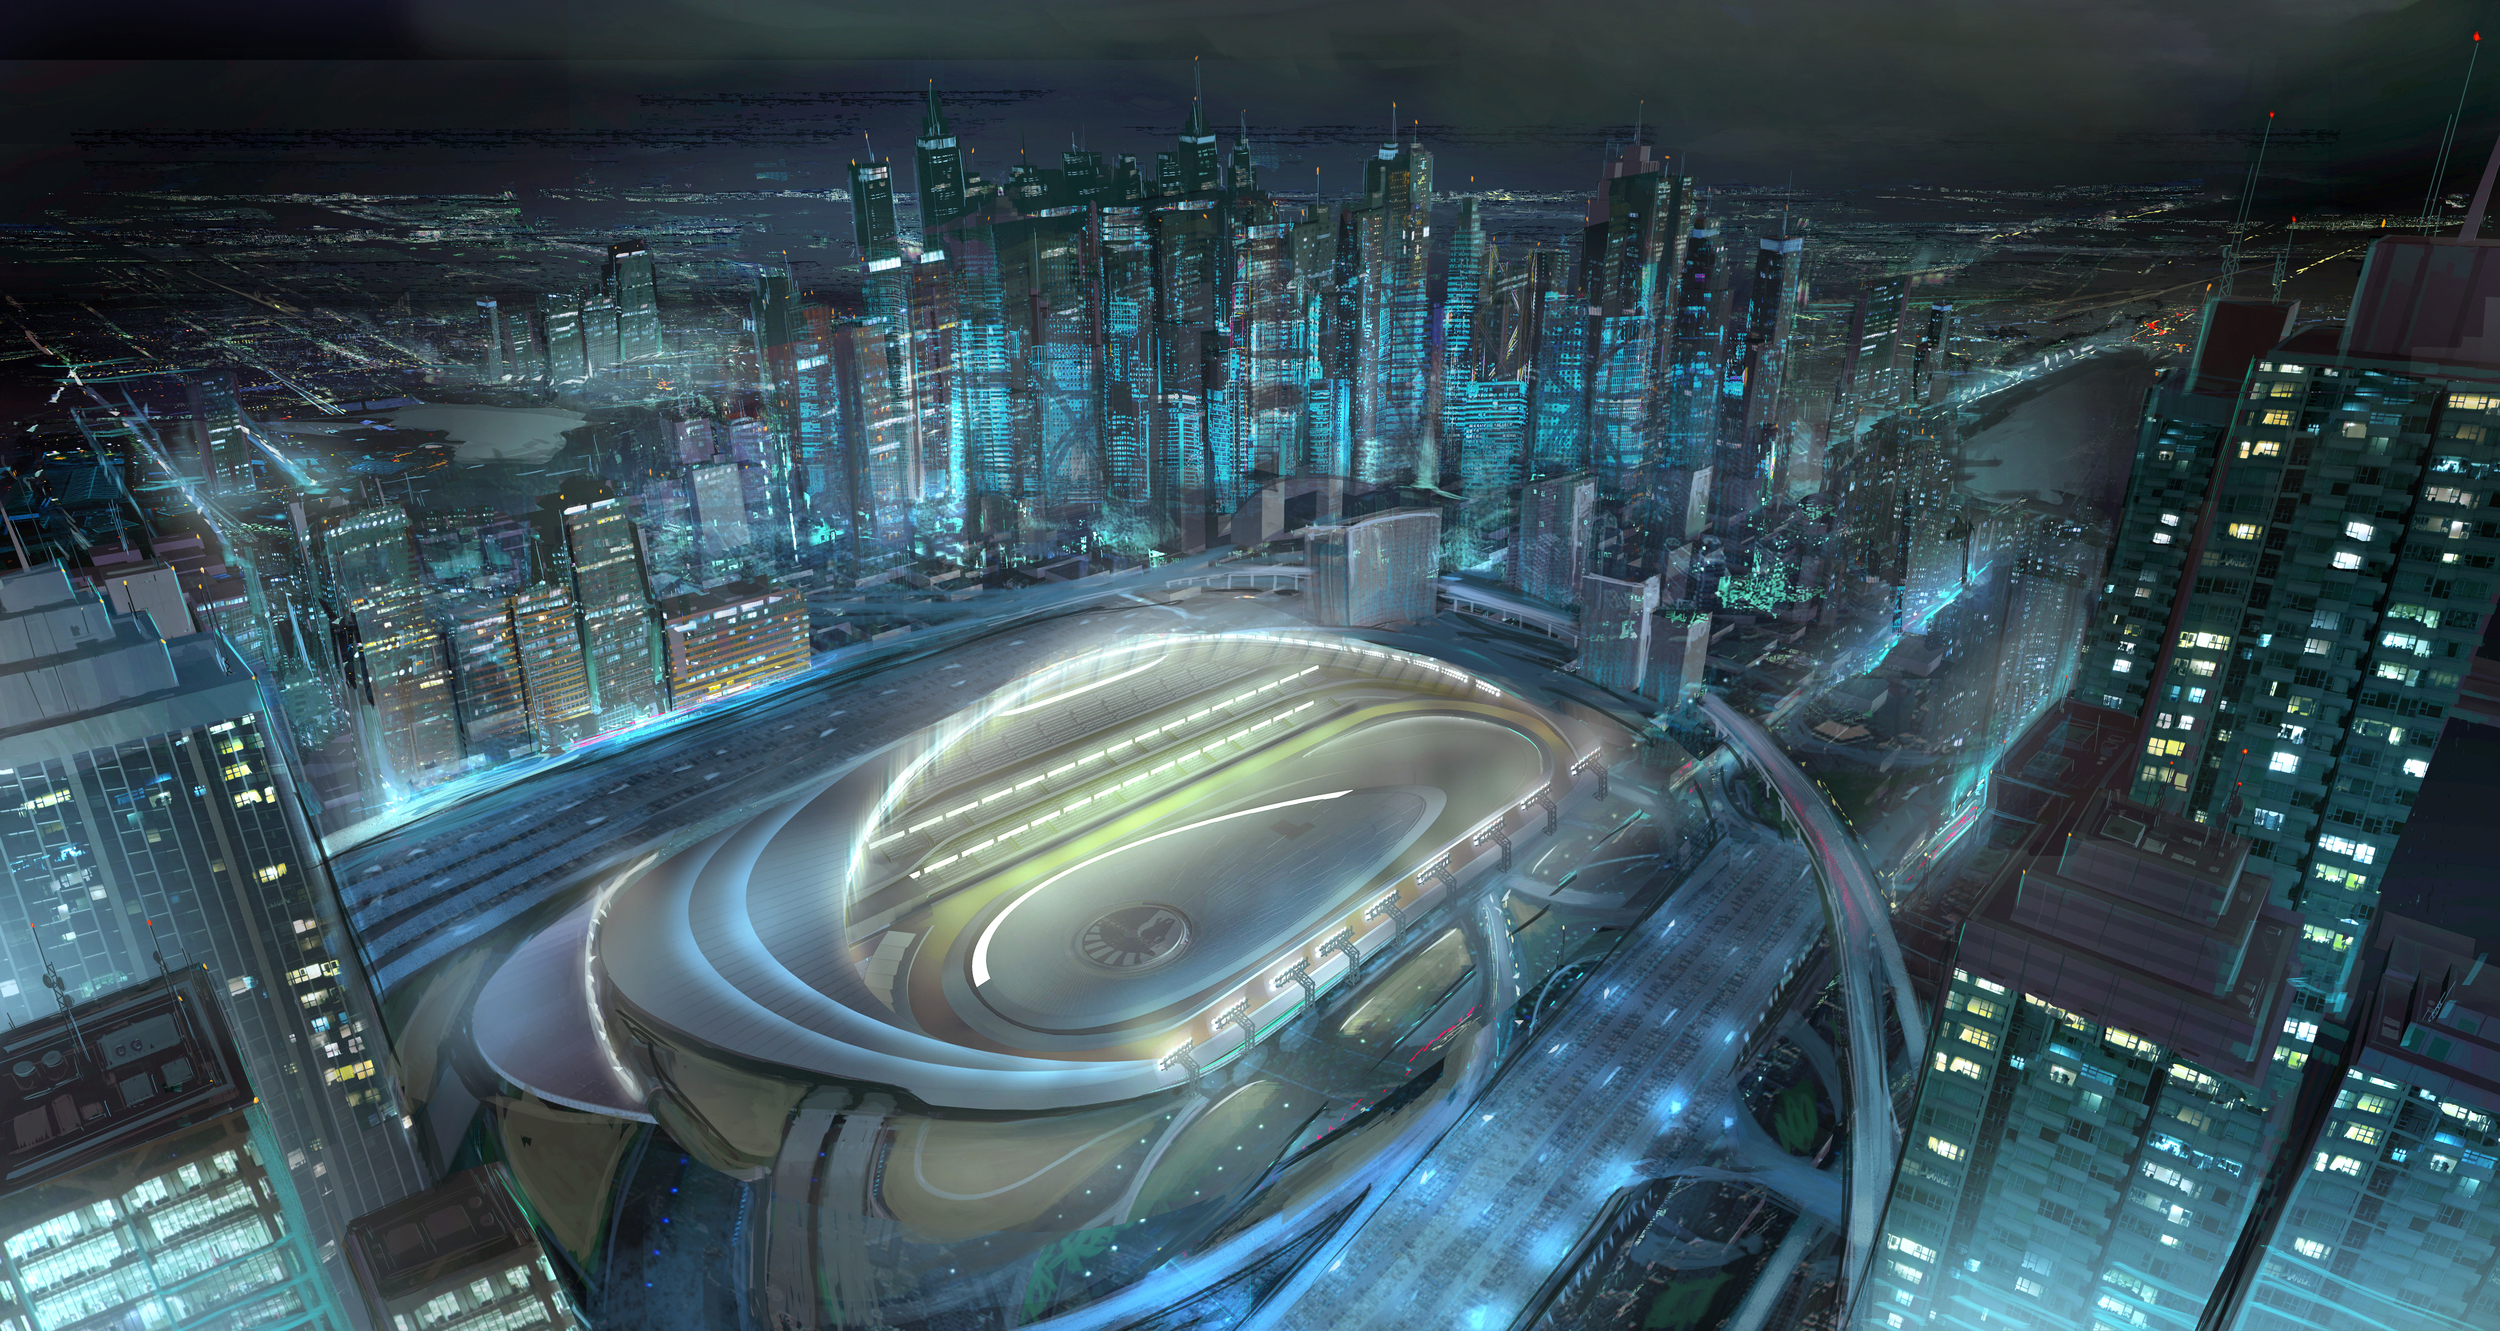 aerial view_04.jpg